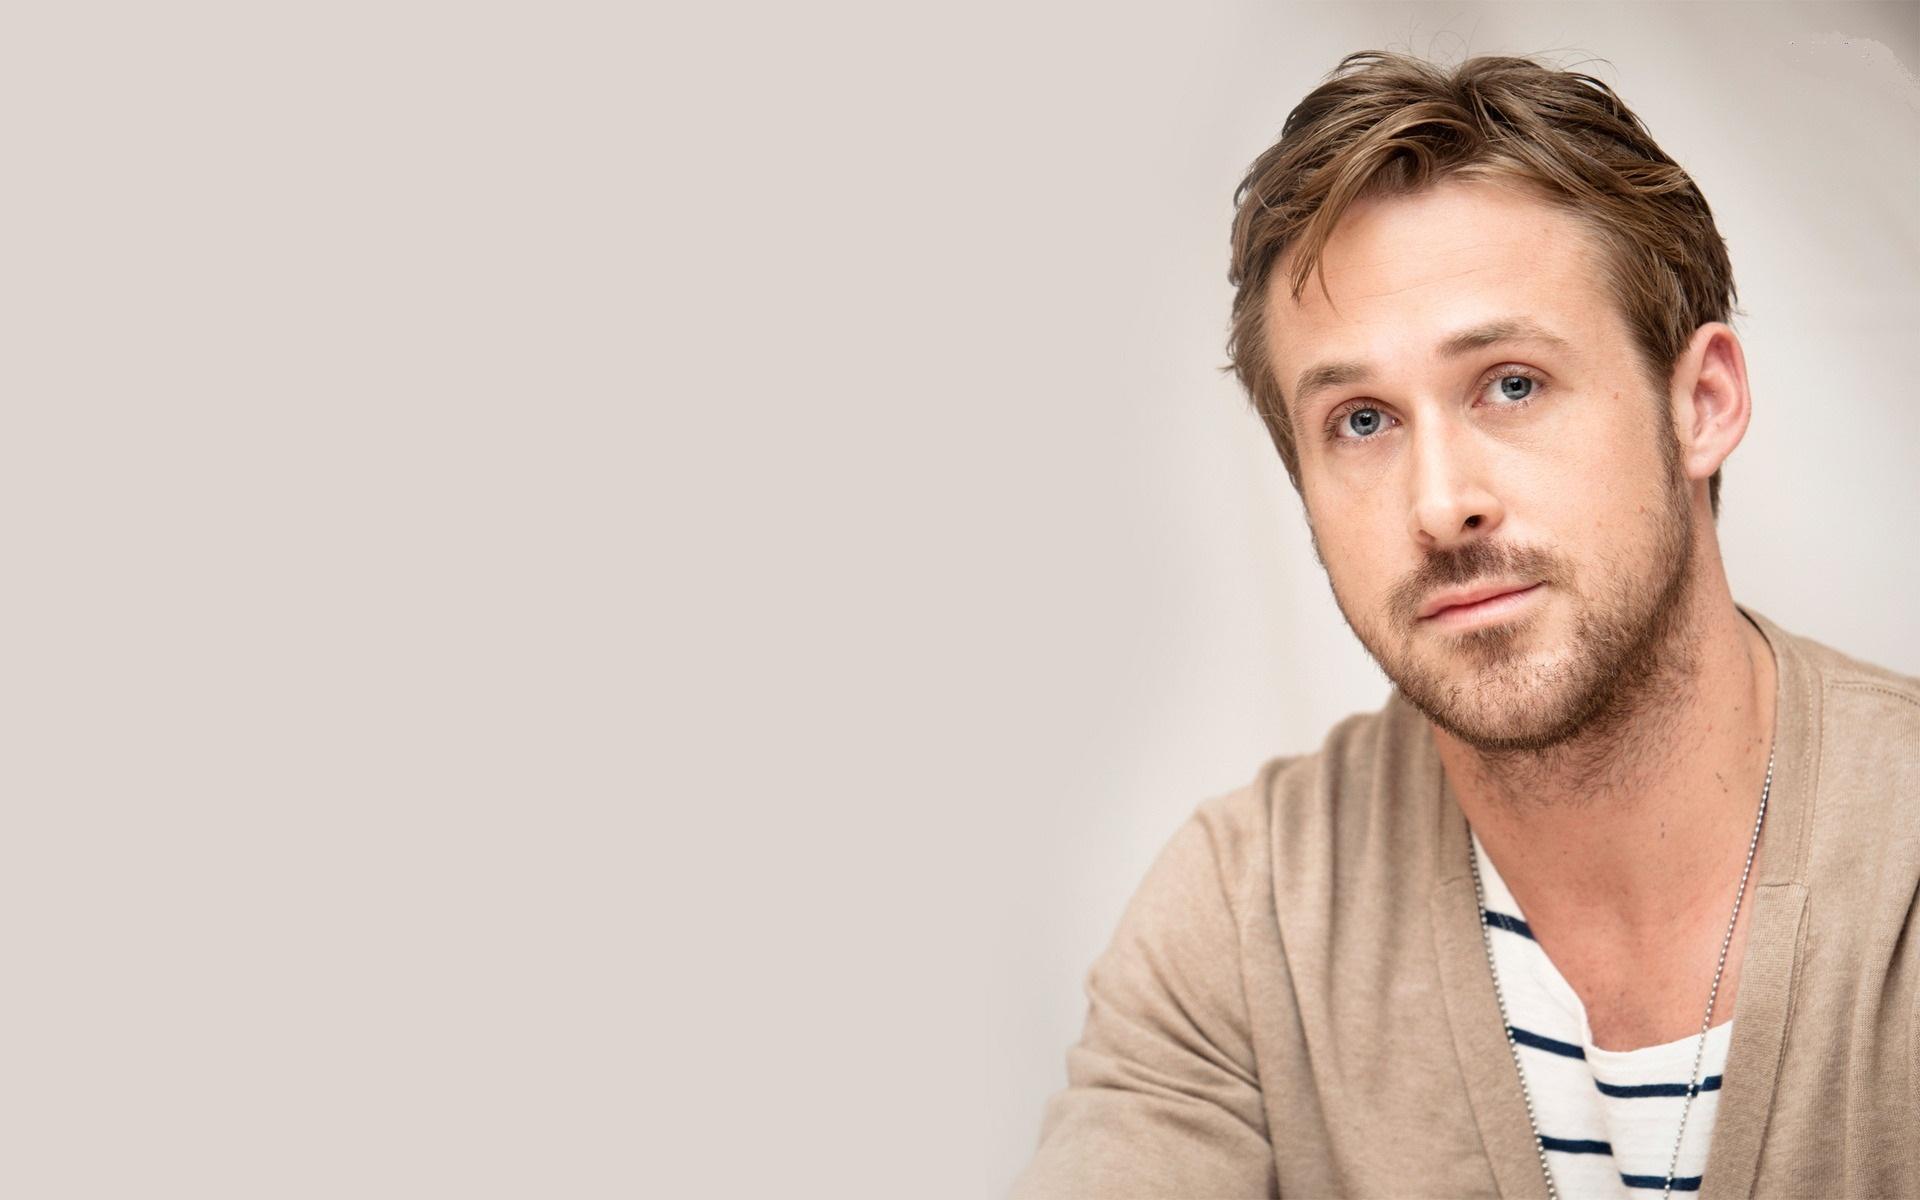 Ryan Gosling Hot Male Celebs Full HD Desktop Wallpapers 1080p 1920x1200